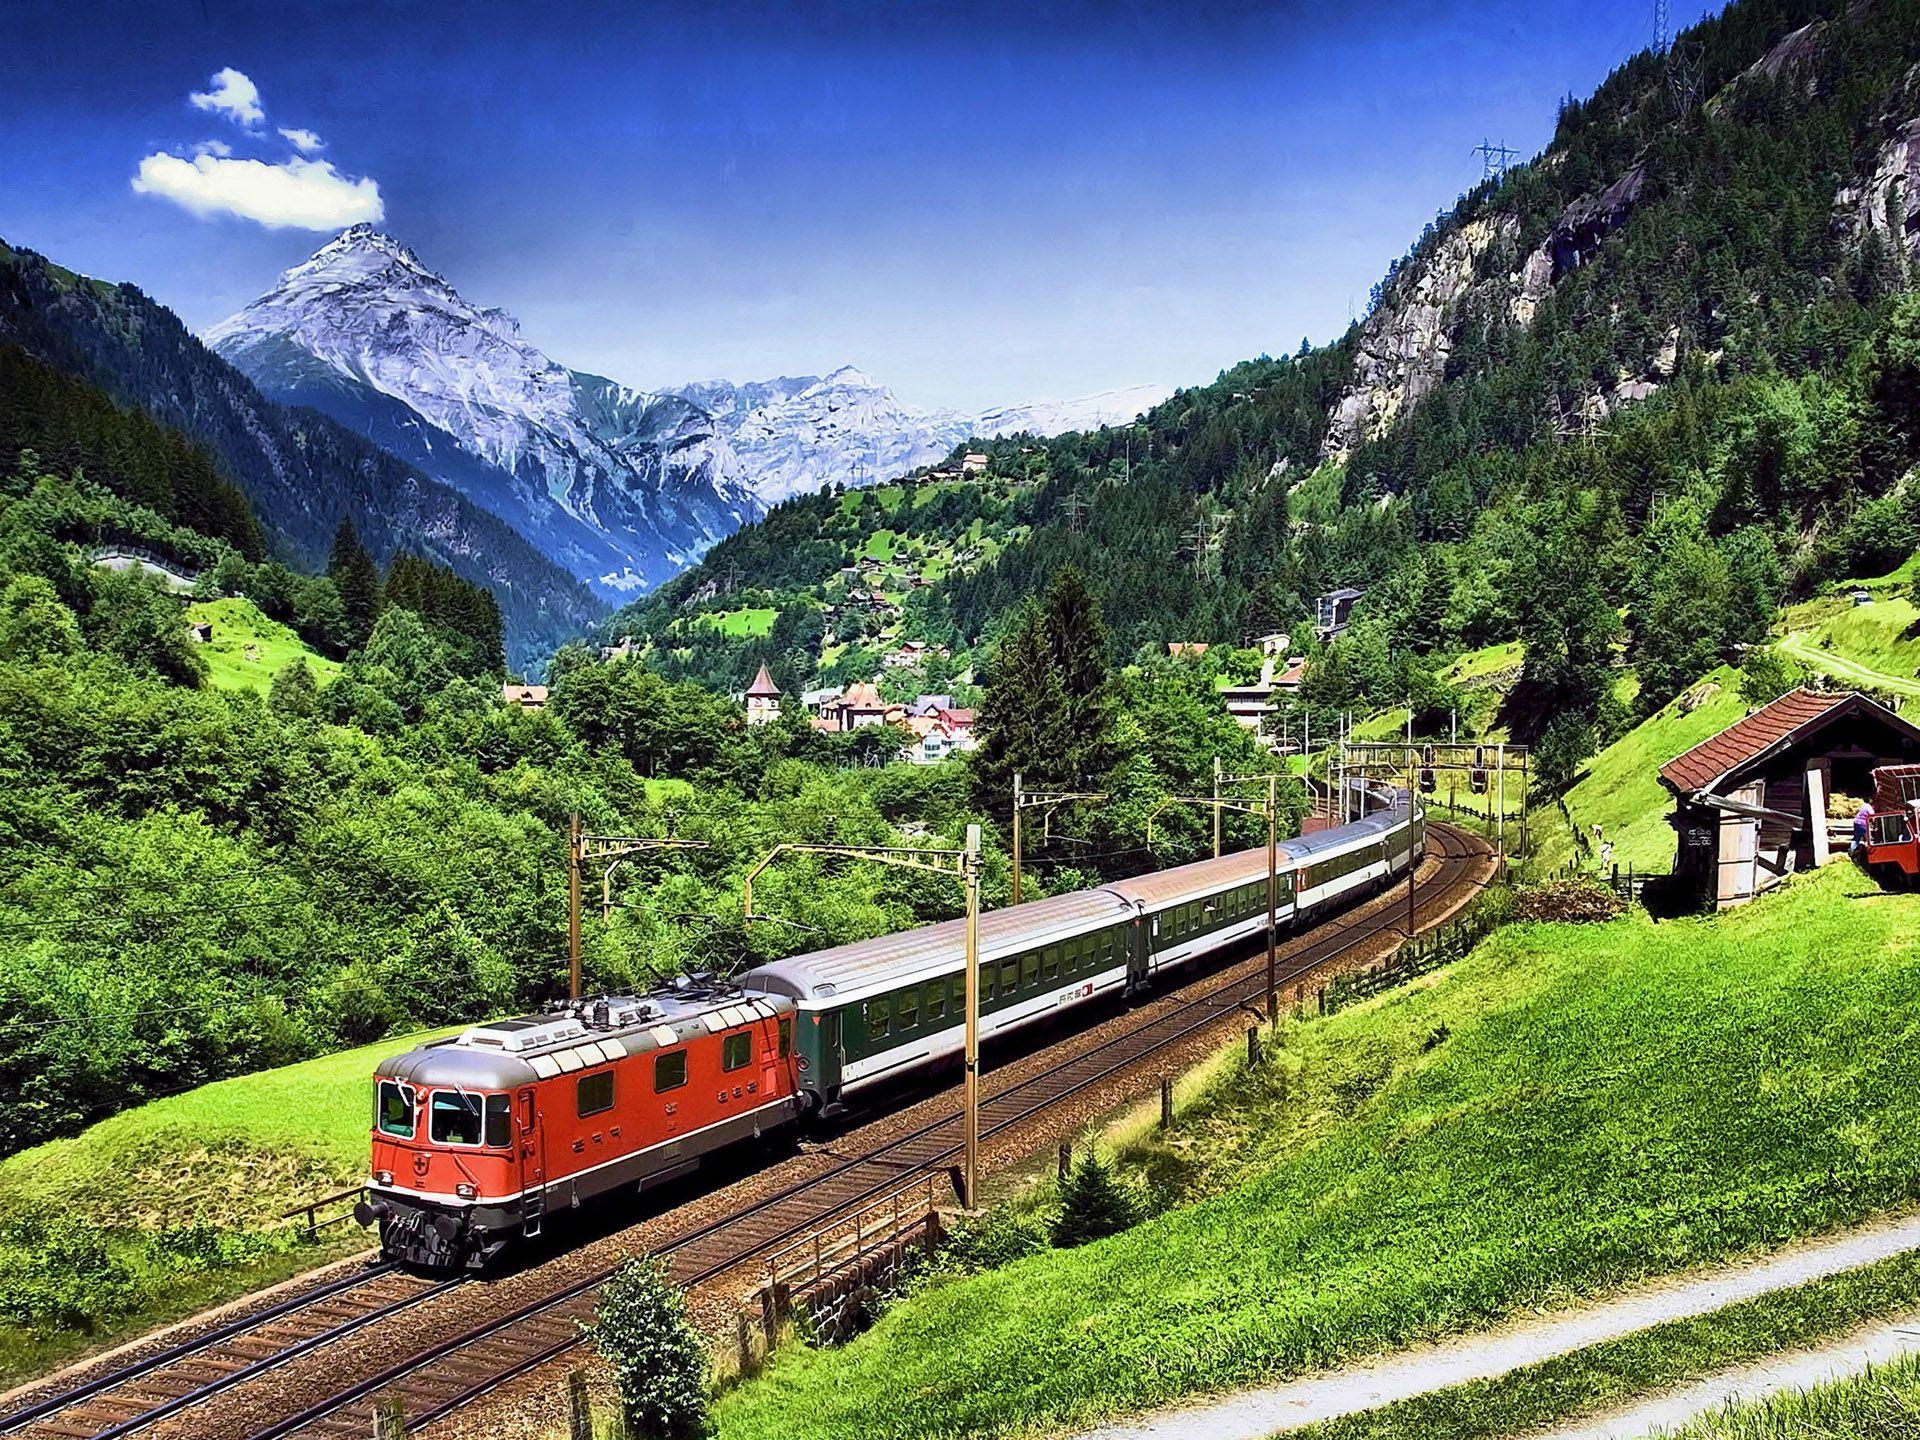 europa en tren